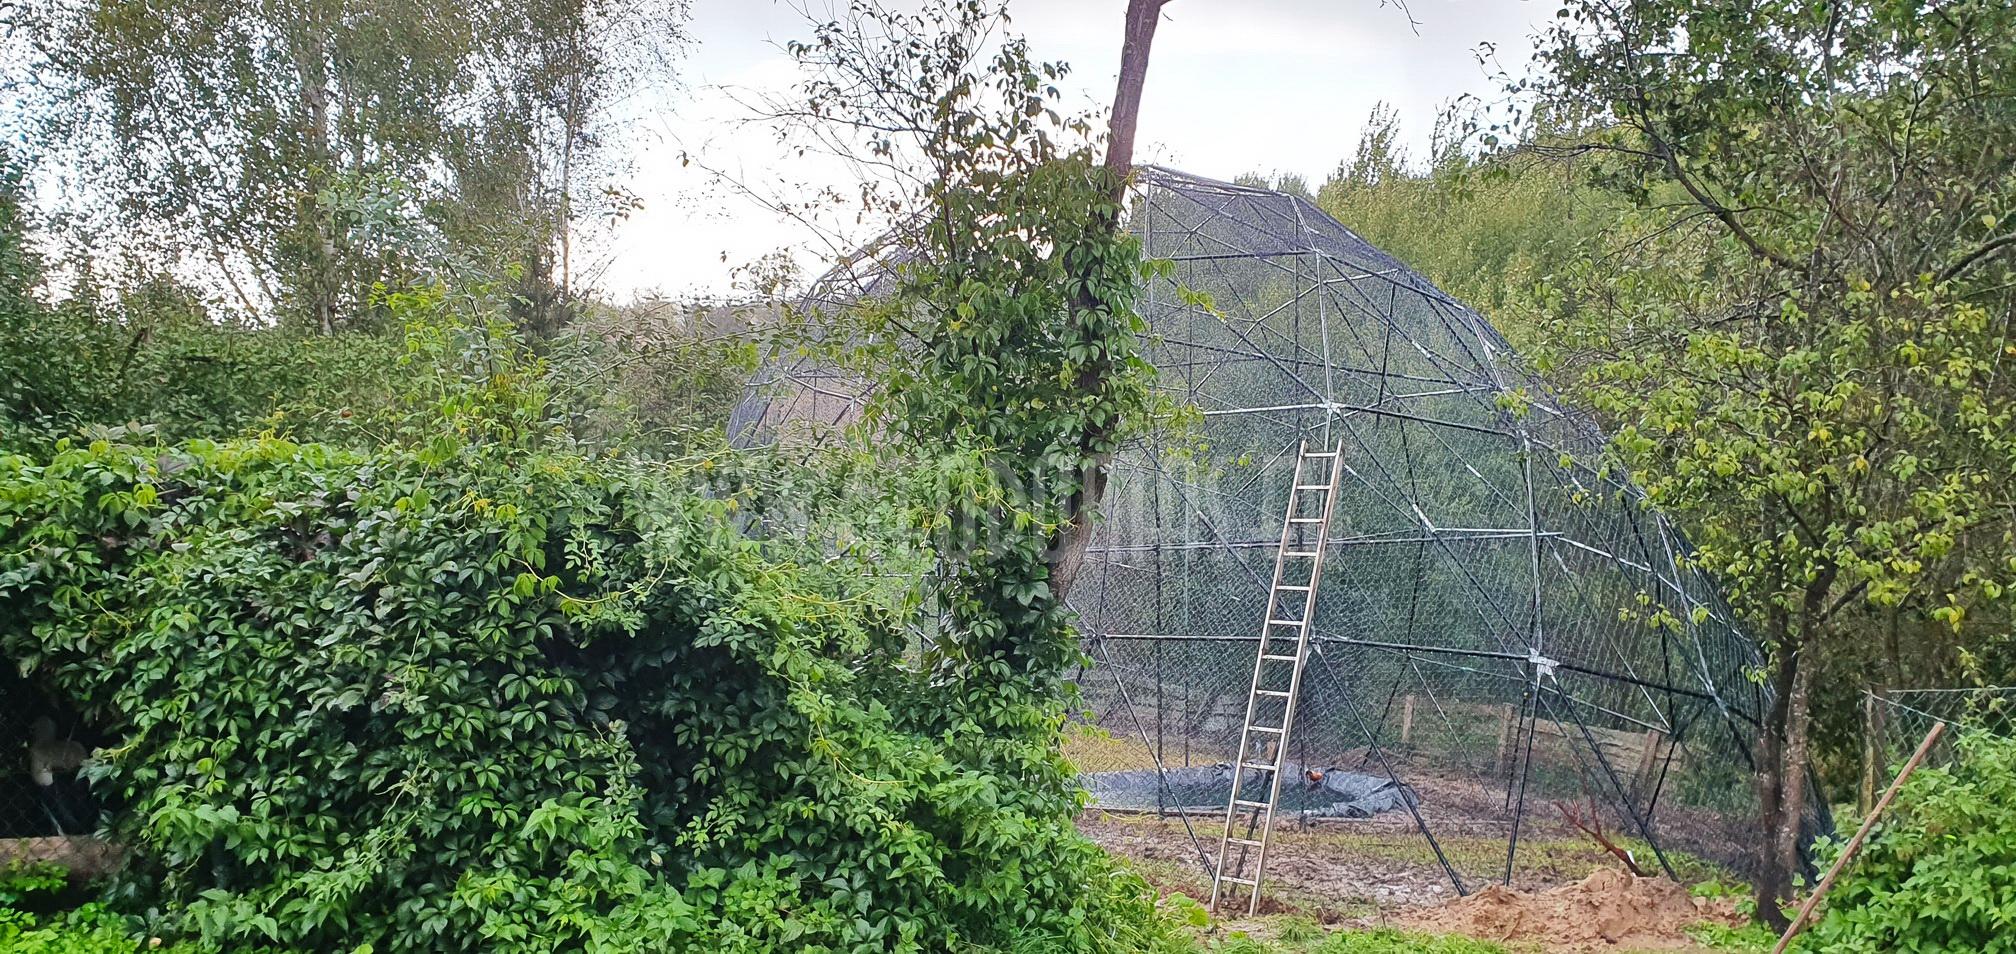 Ø6-Ø7-Ø30m Kopuły Wolierowe | Ośrodek Rehabilitacji Ptaków Dzikich w Bukwałdzie